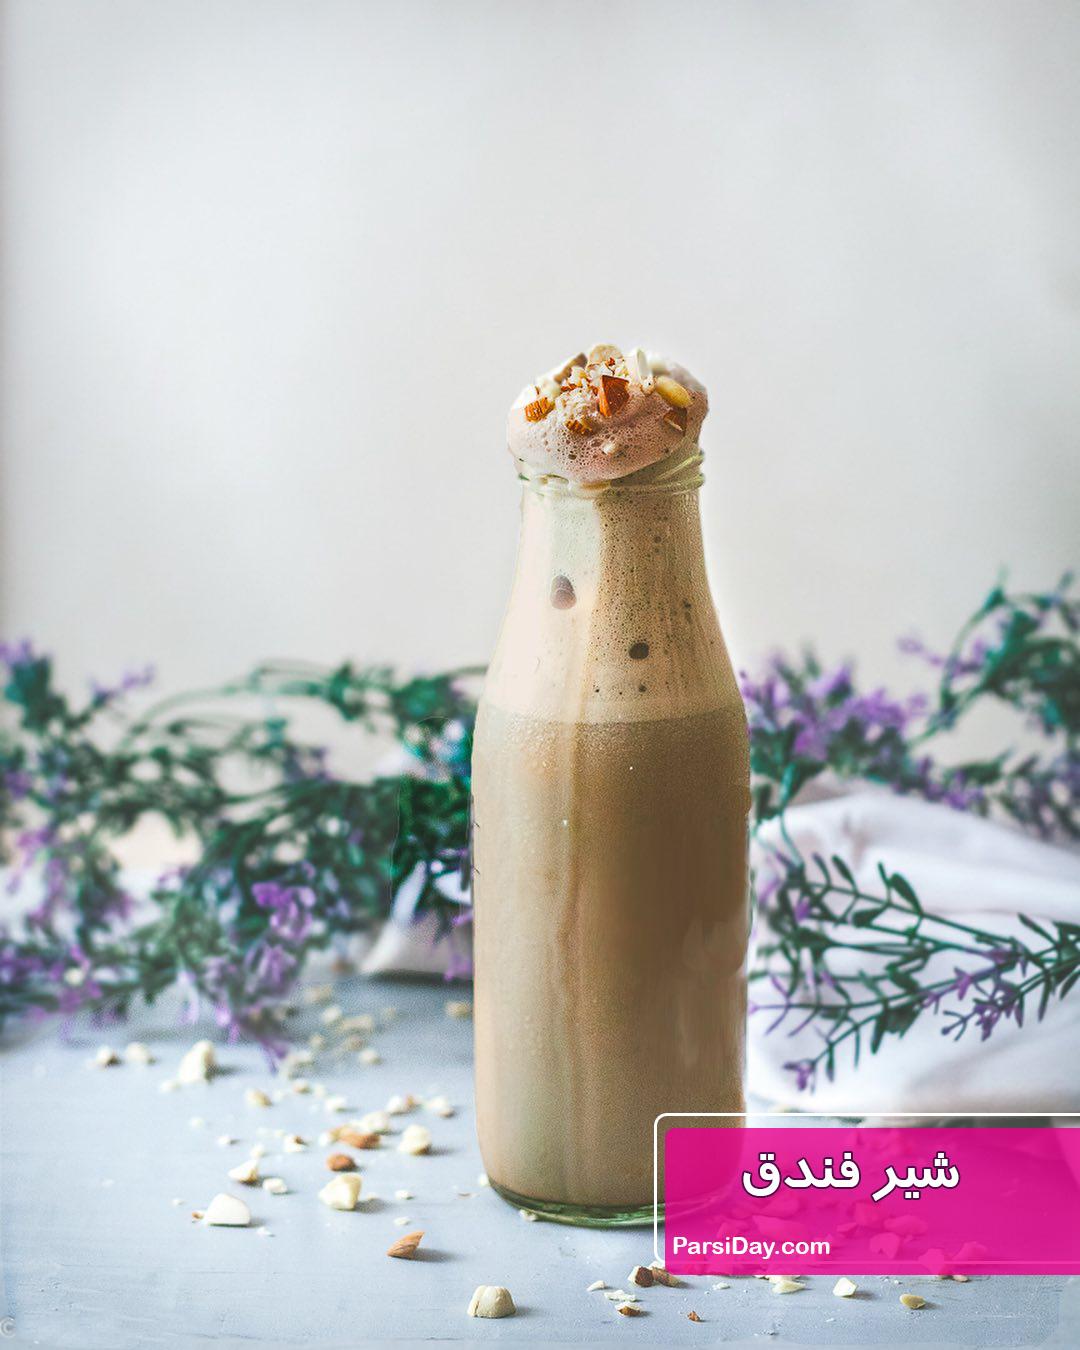 طرز تهیه شیر فندق خانگی خوشمزه و گیاهی و پرخاصیت با عسل